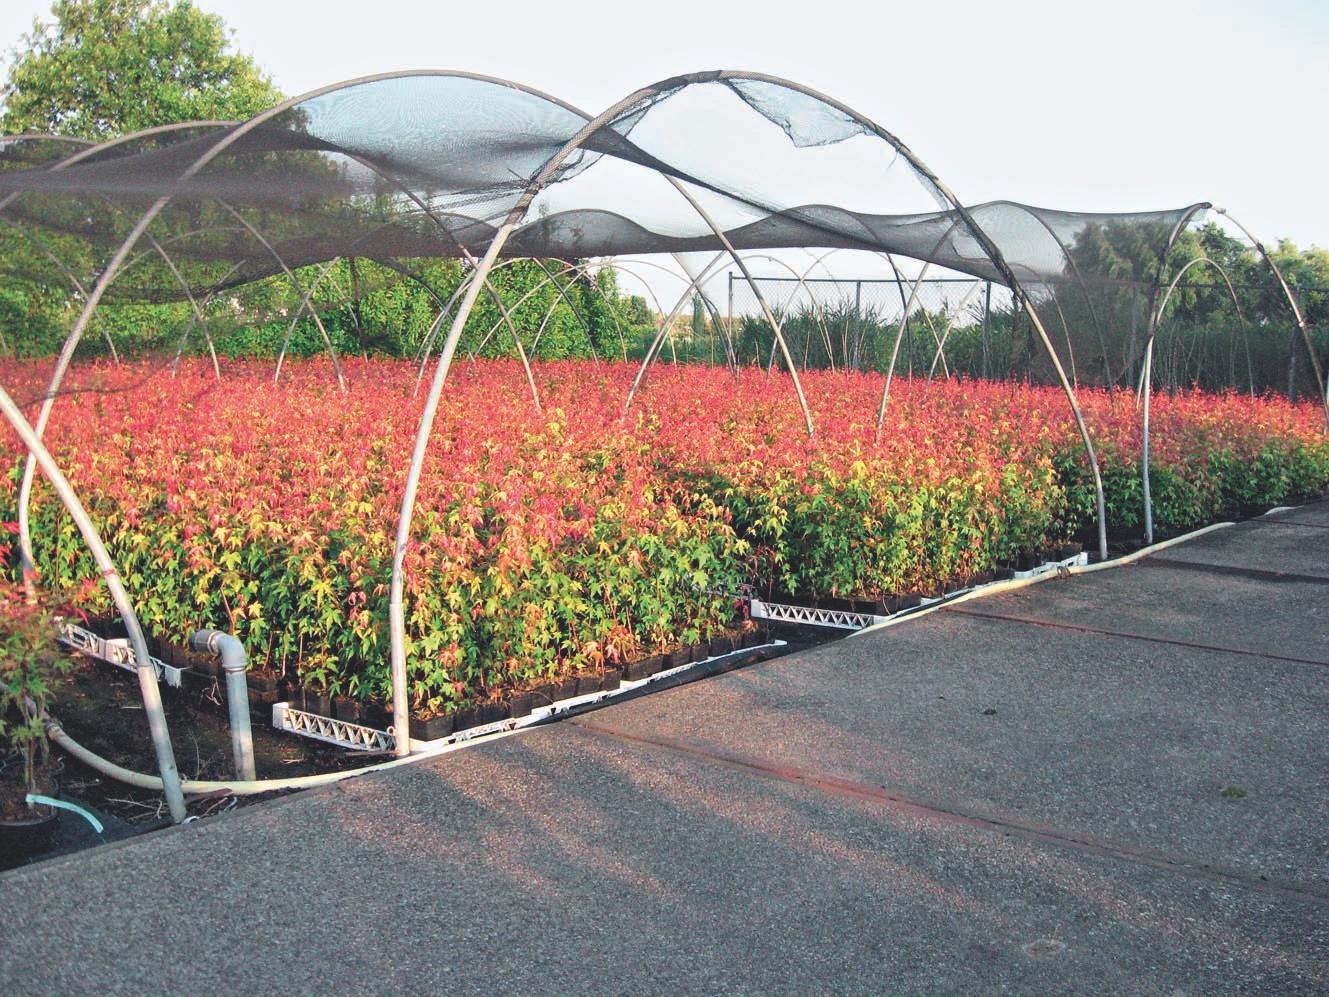 Verkaufsfertige Pflanzen